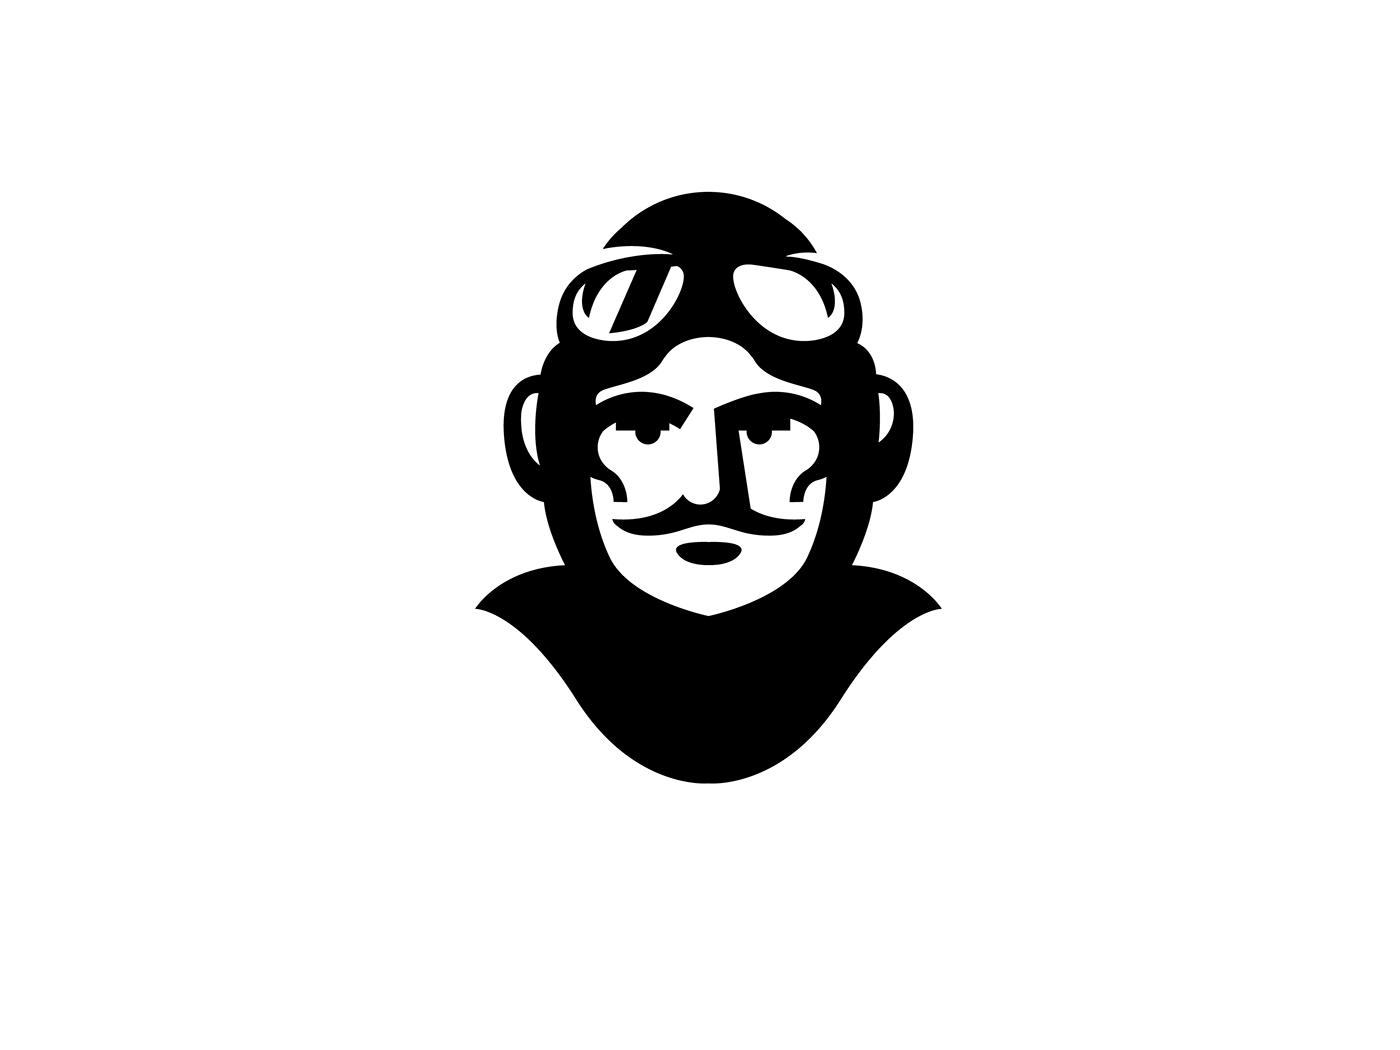 logo design pilot by martigny matthieu